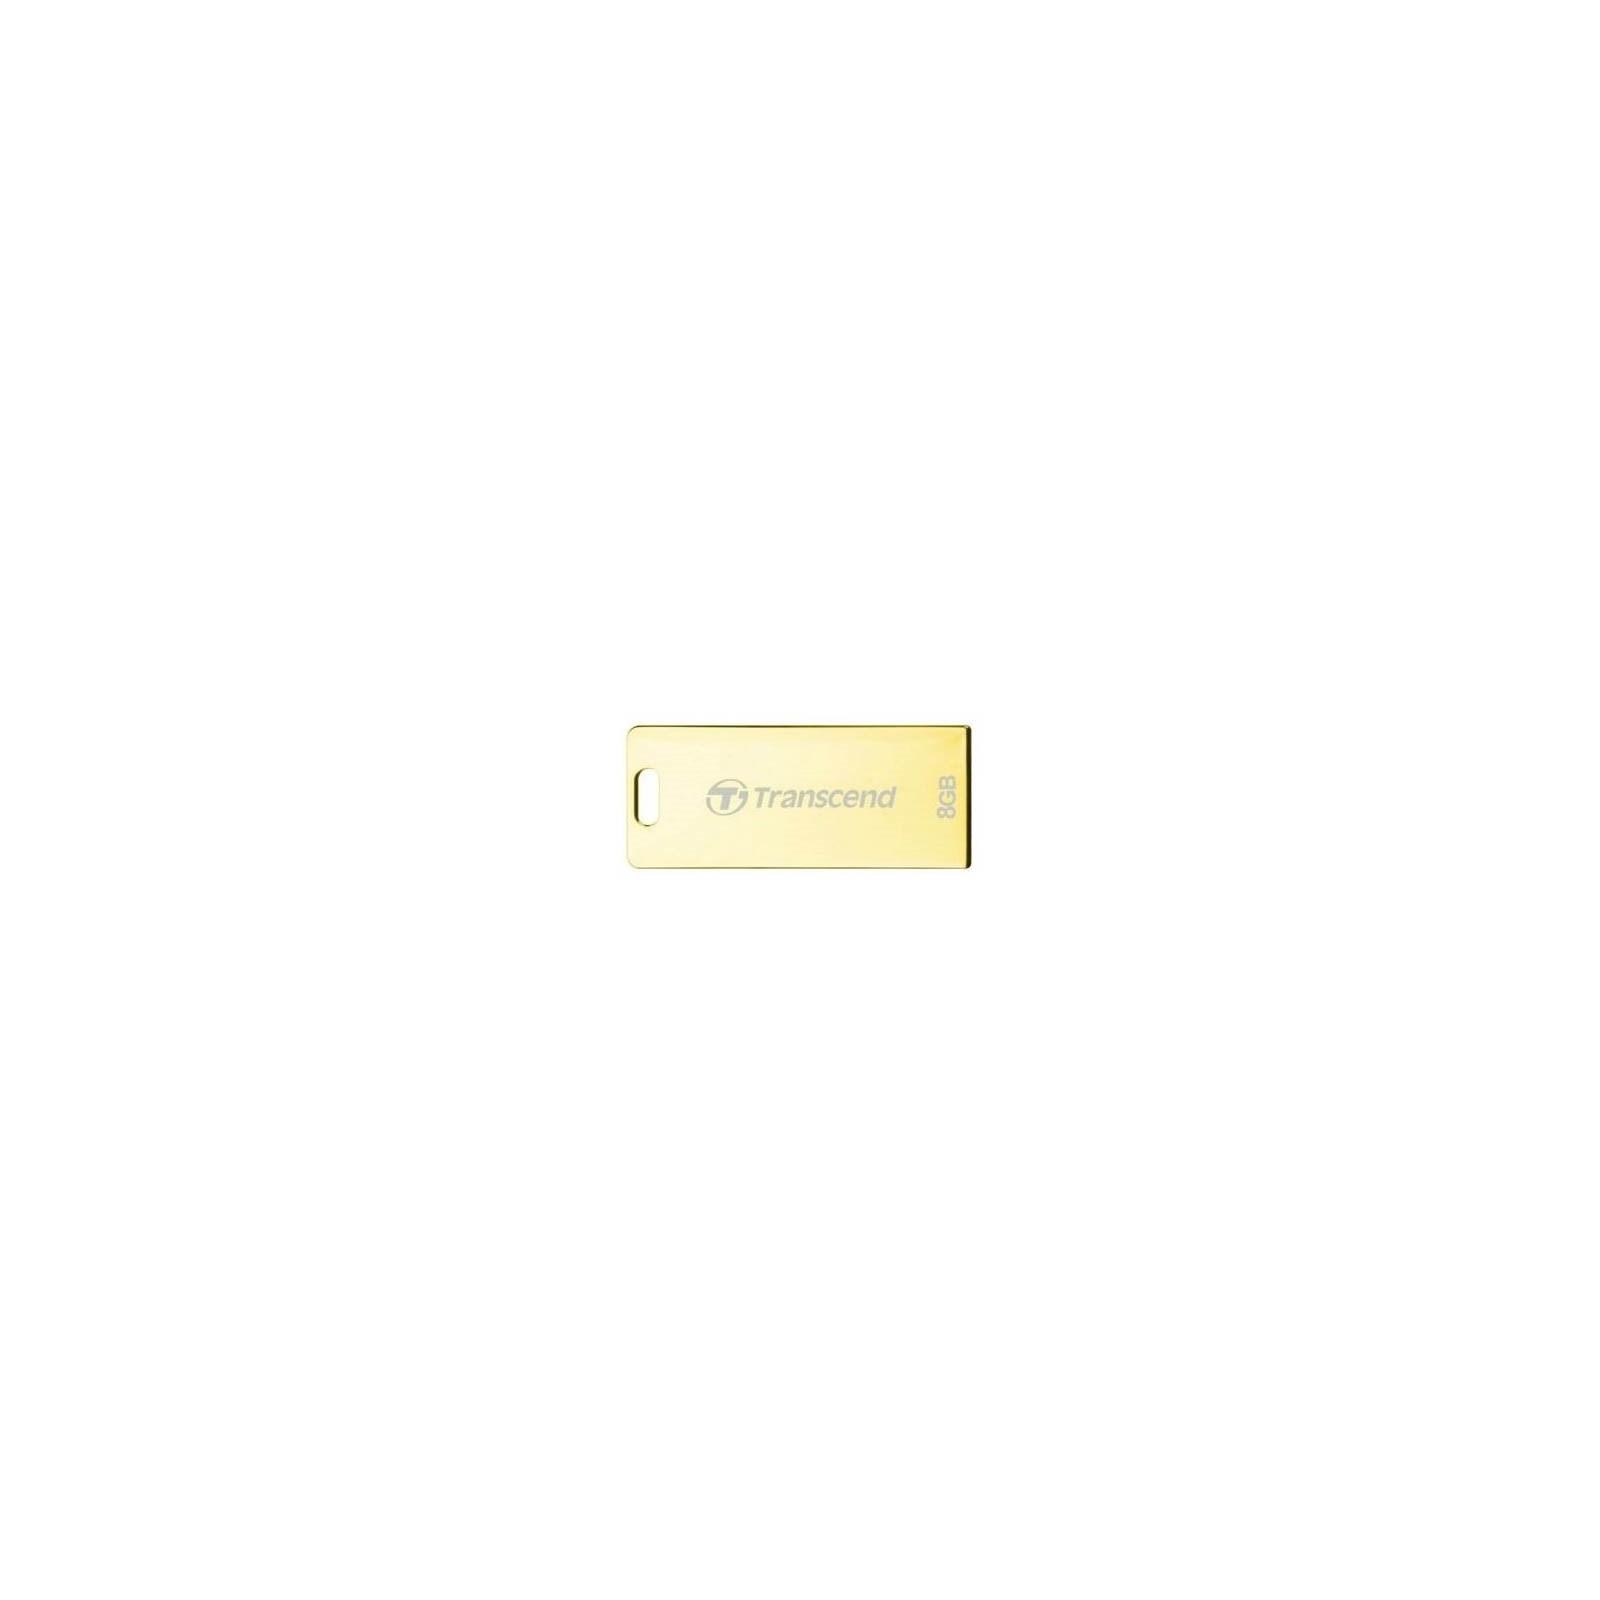 USB флеш накопитель Transcend 8Gb JetFlash T3G (TS8GJFT3G)